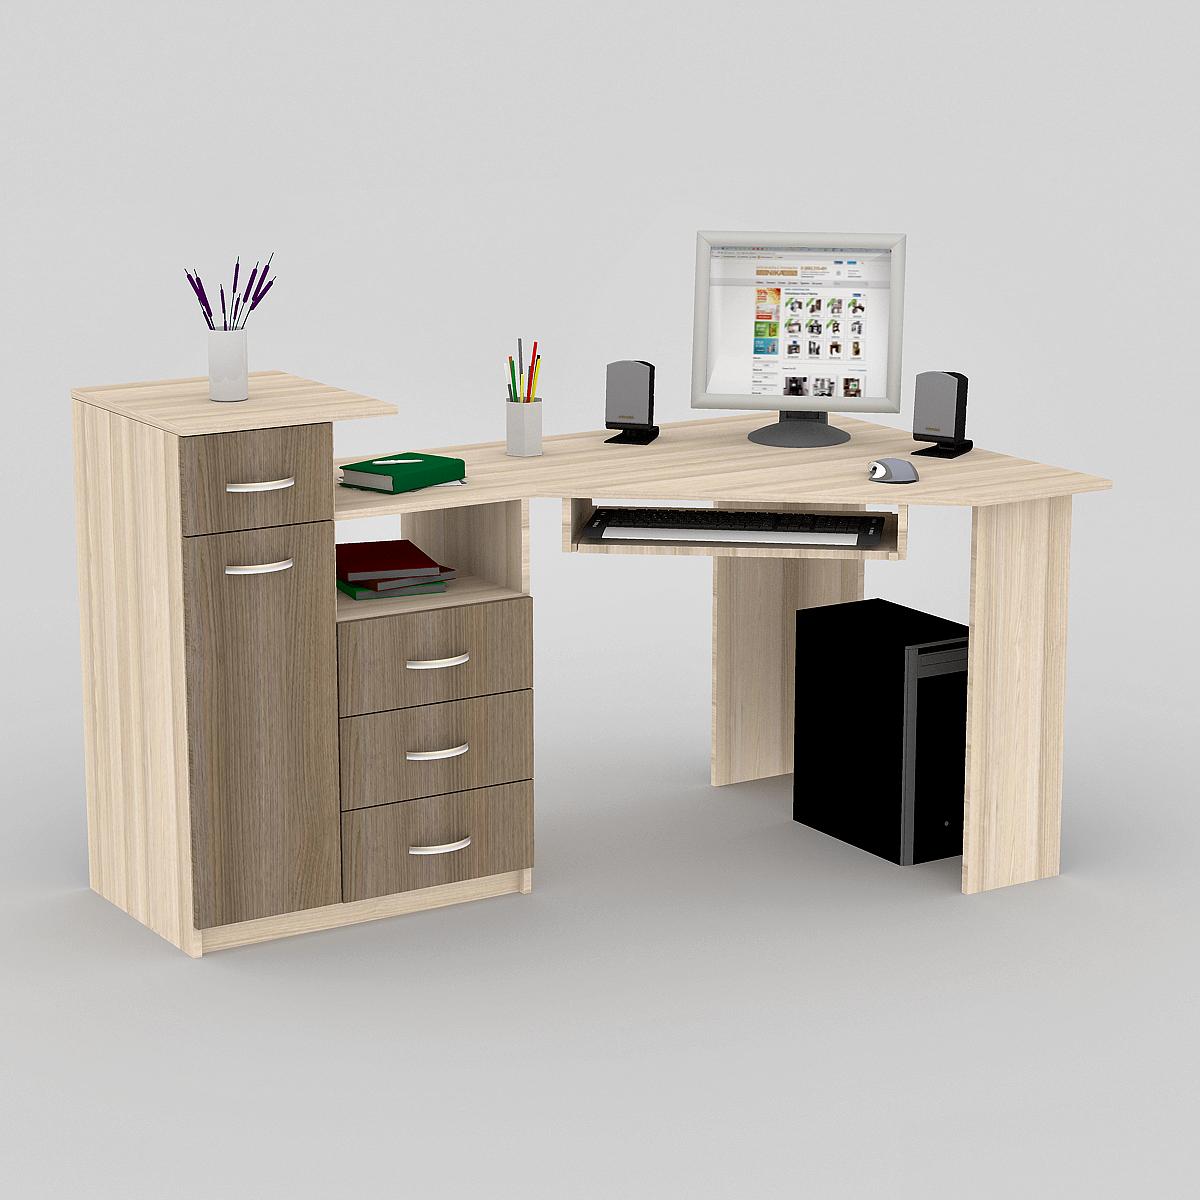 Заказать офисную мебель в магазине Shopomag